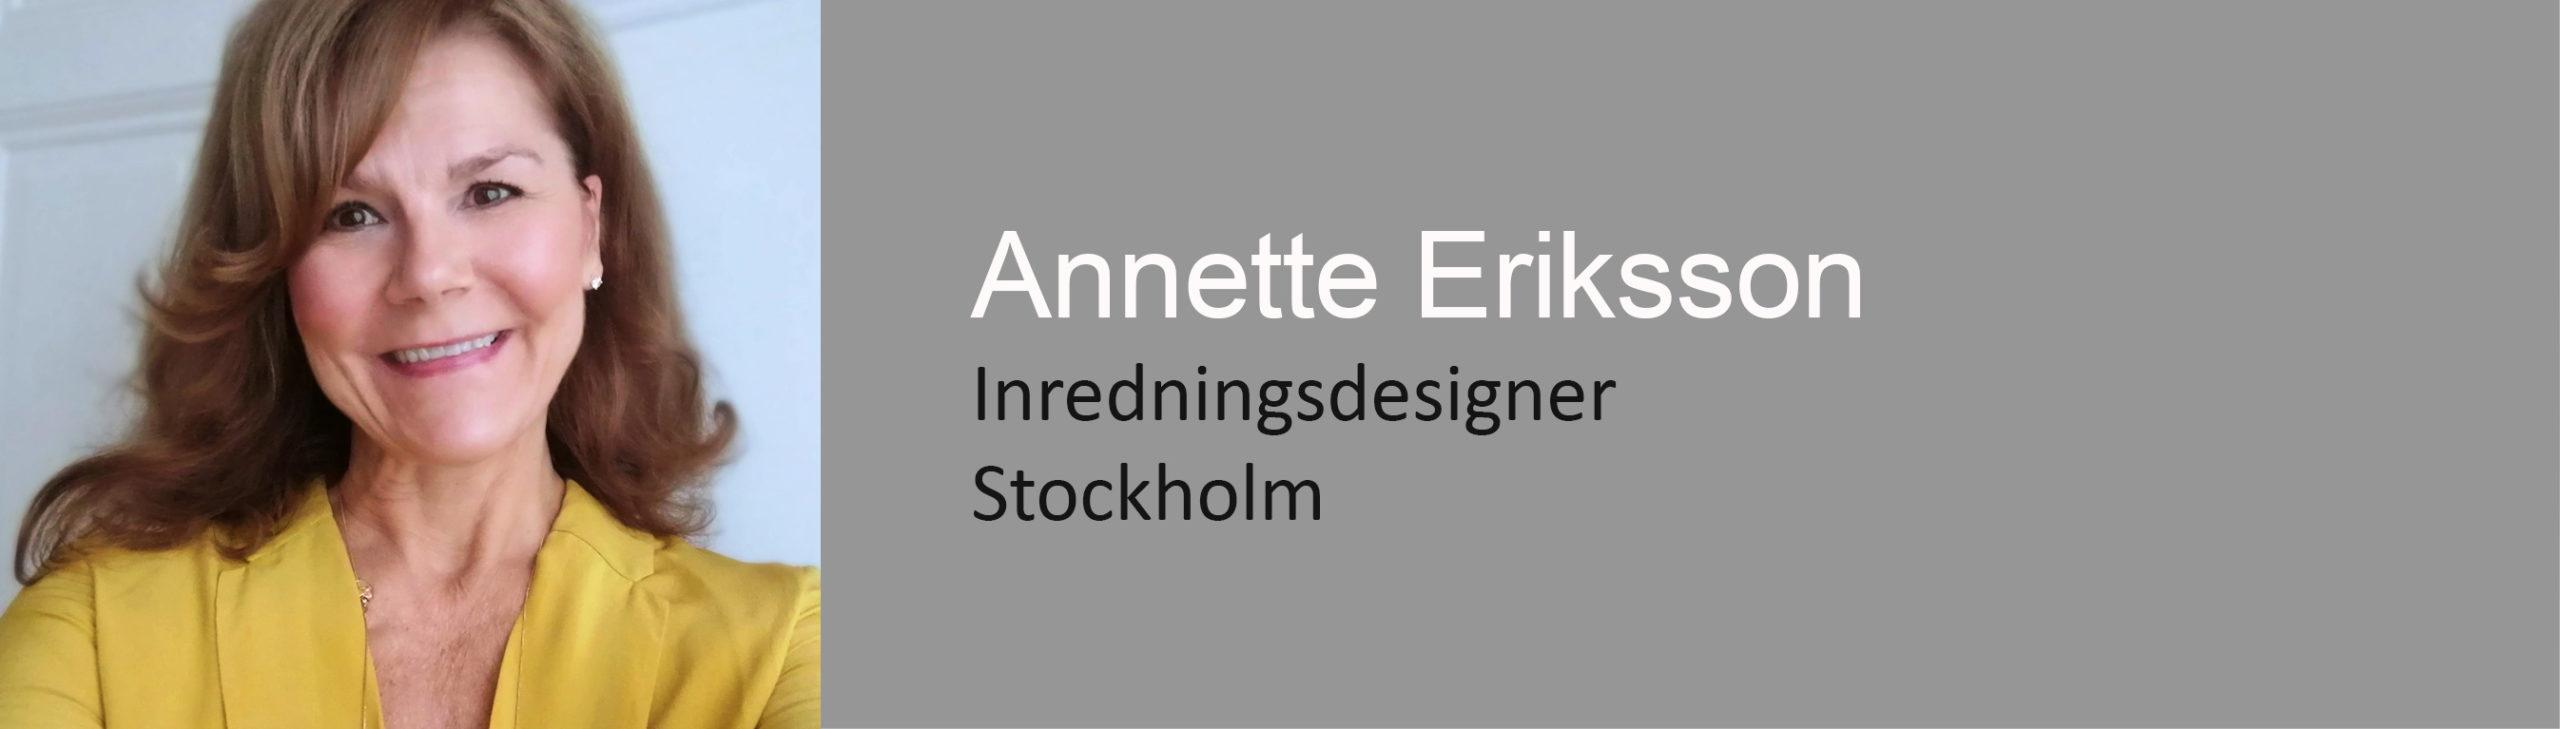 Inredningsdesigner